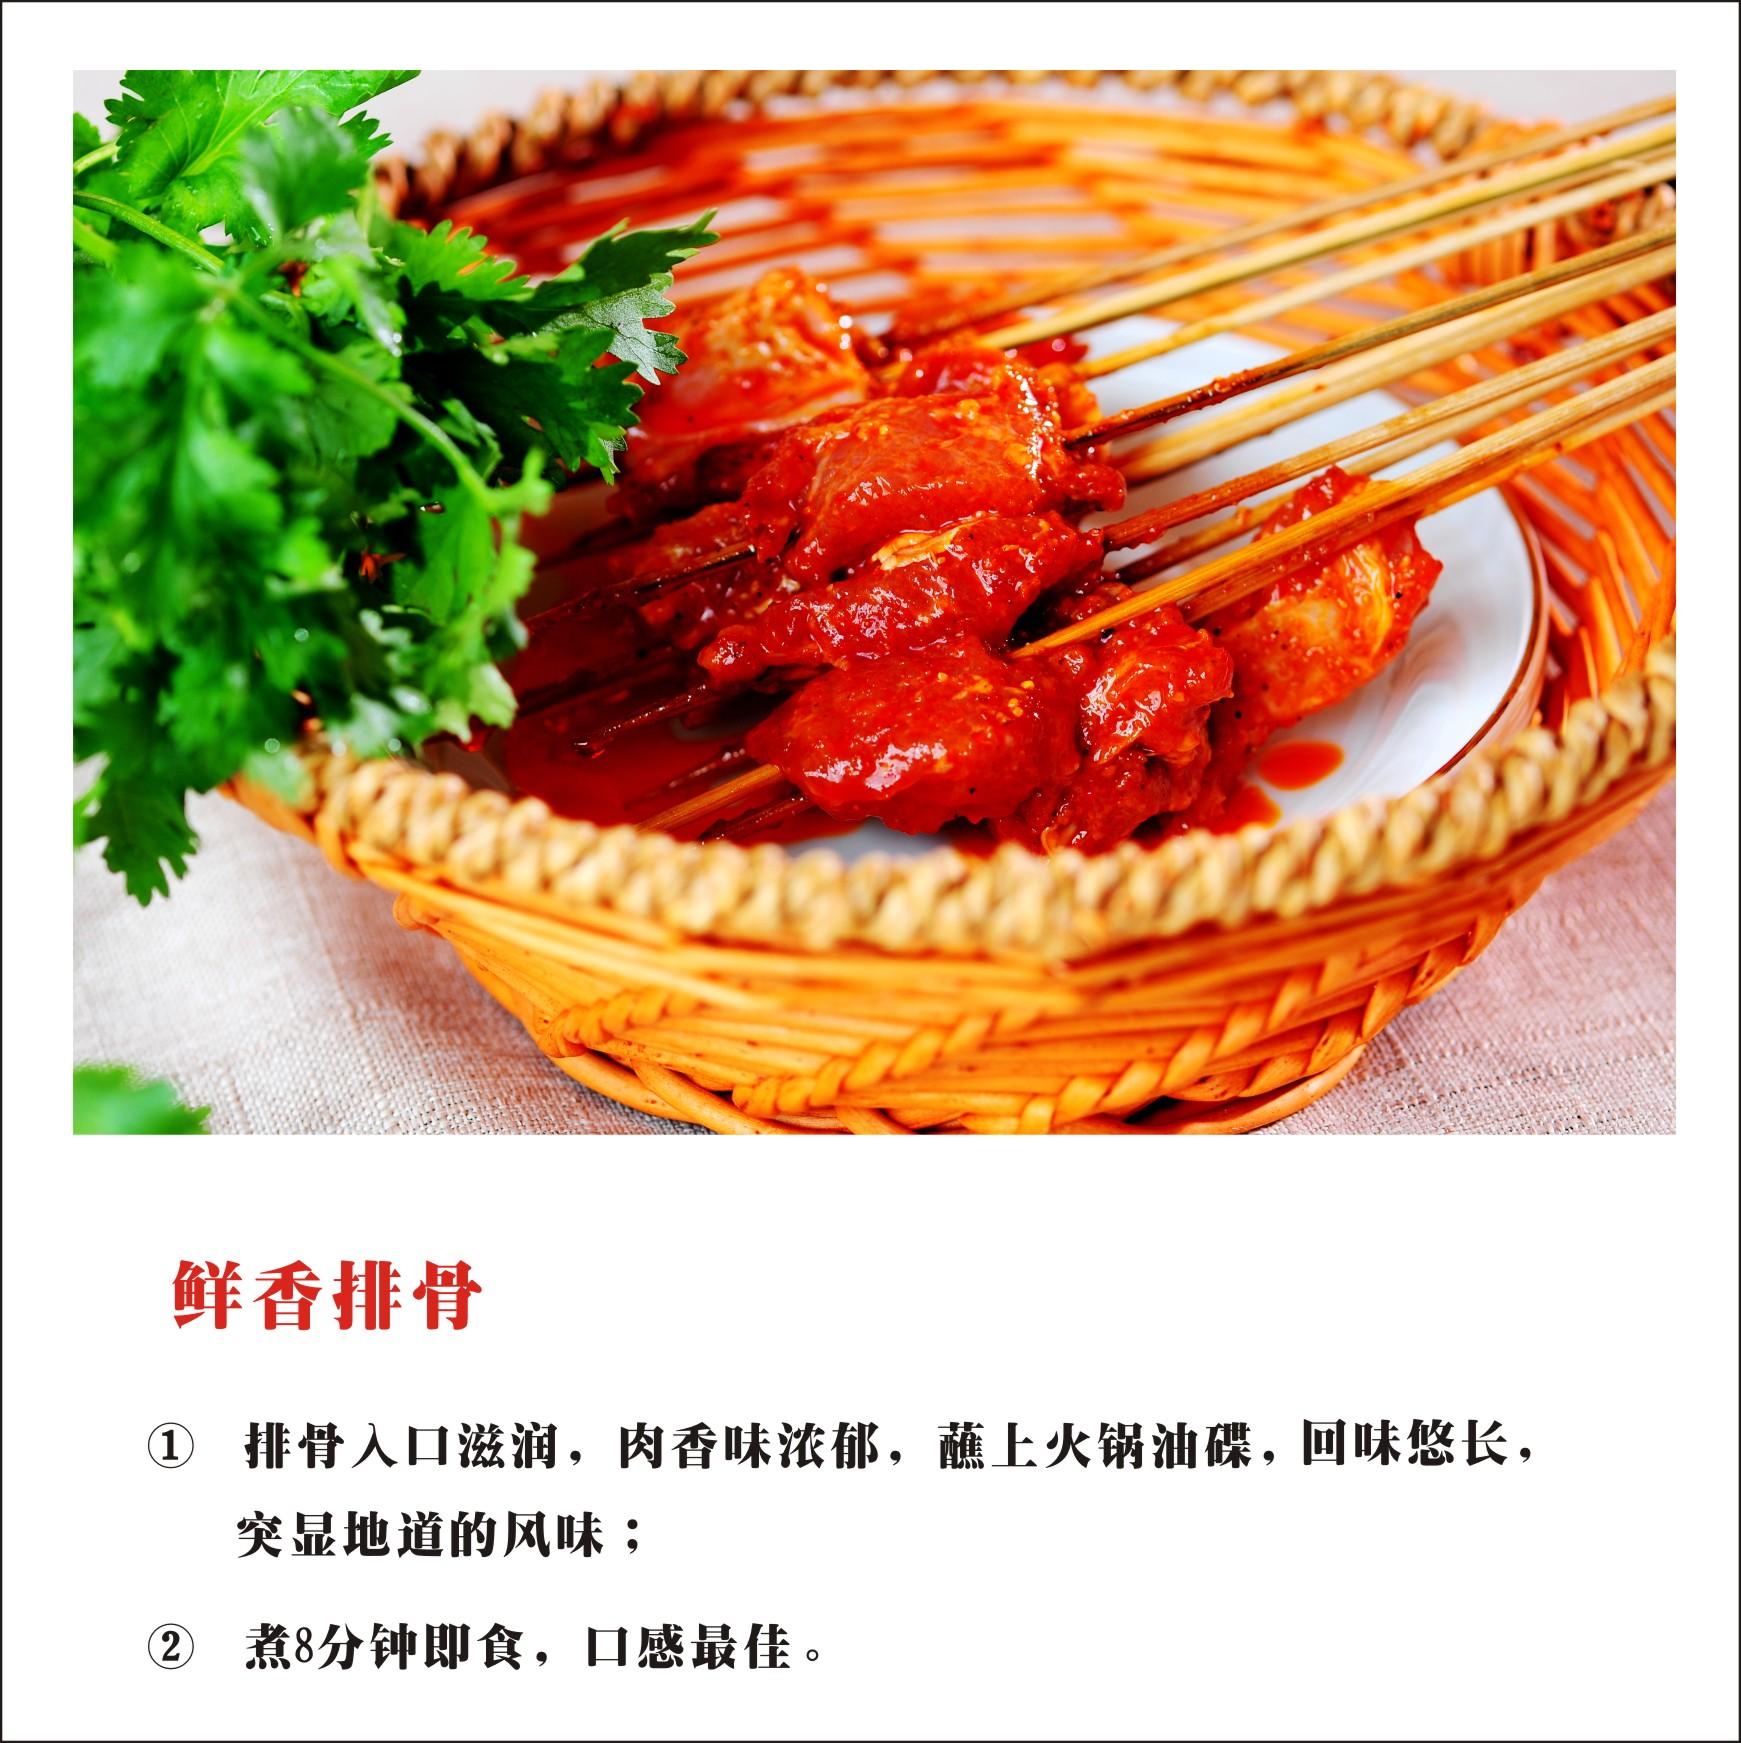 华阳串根香图4